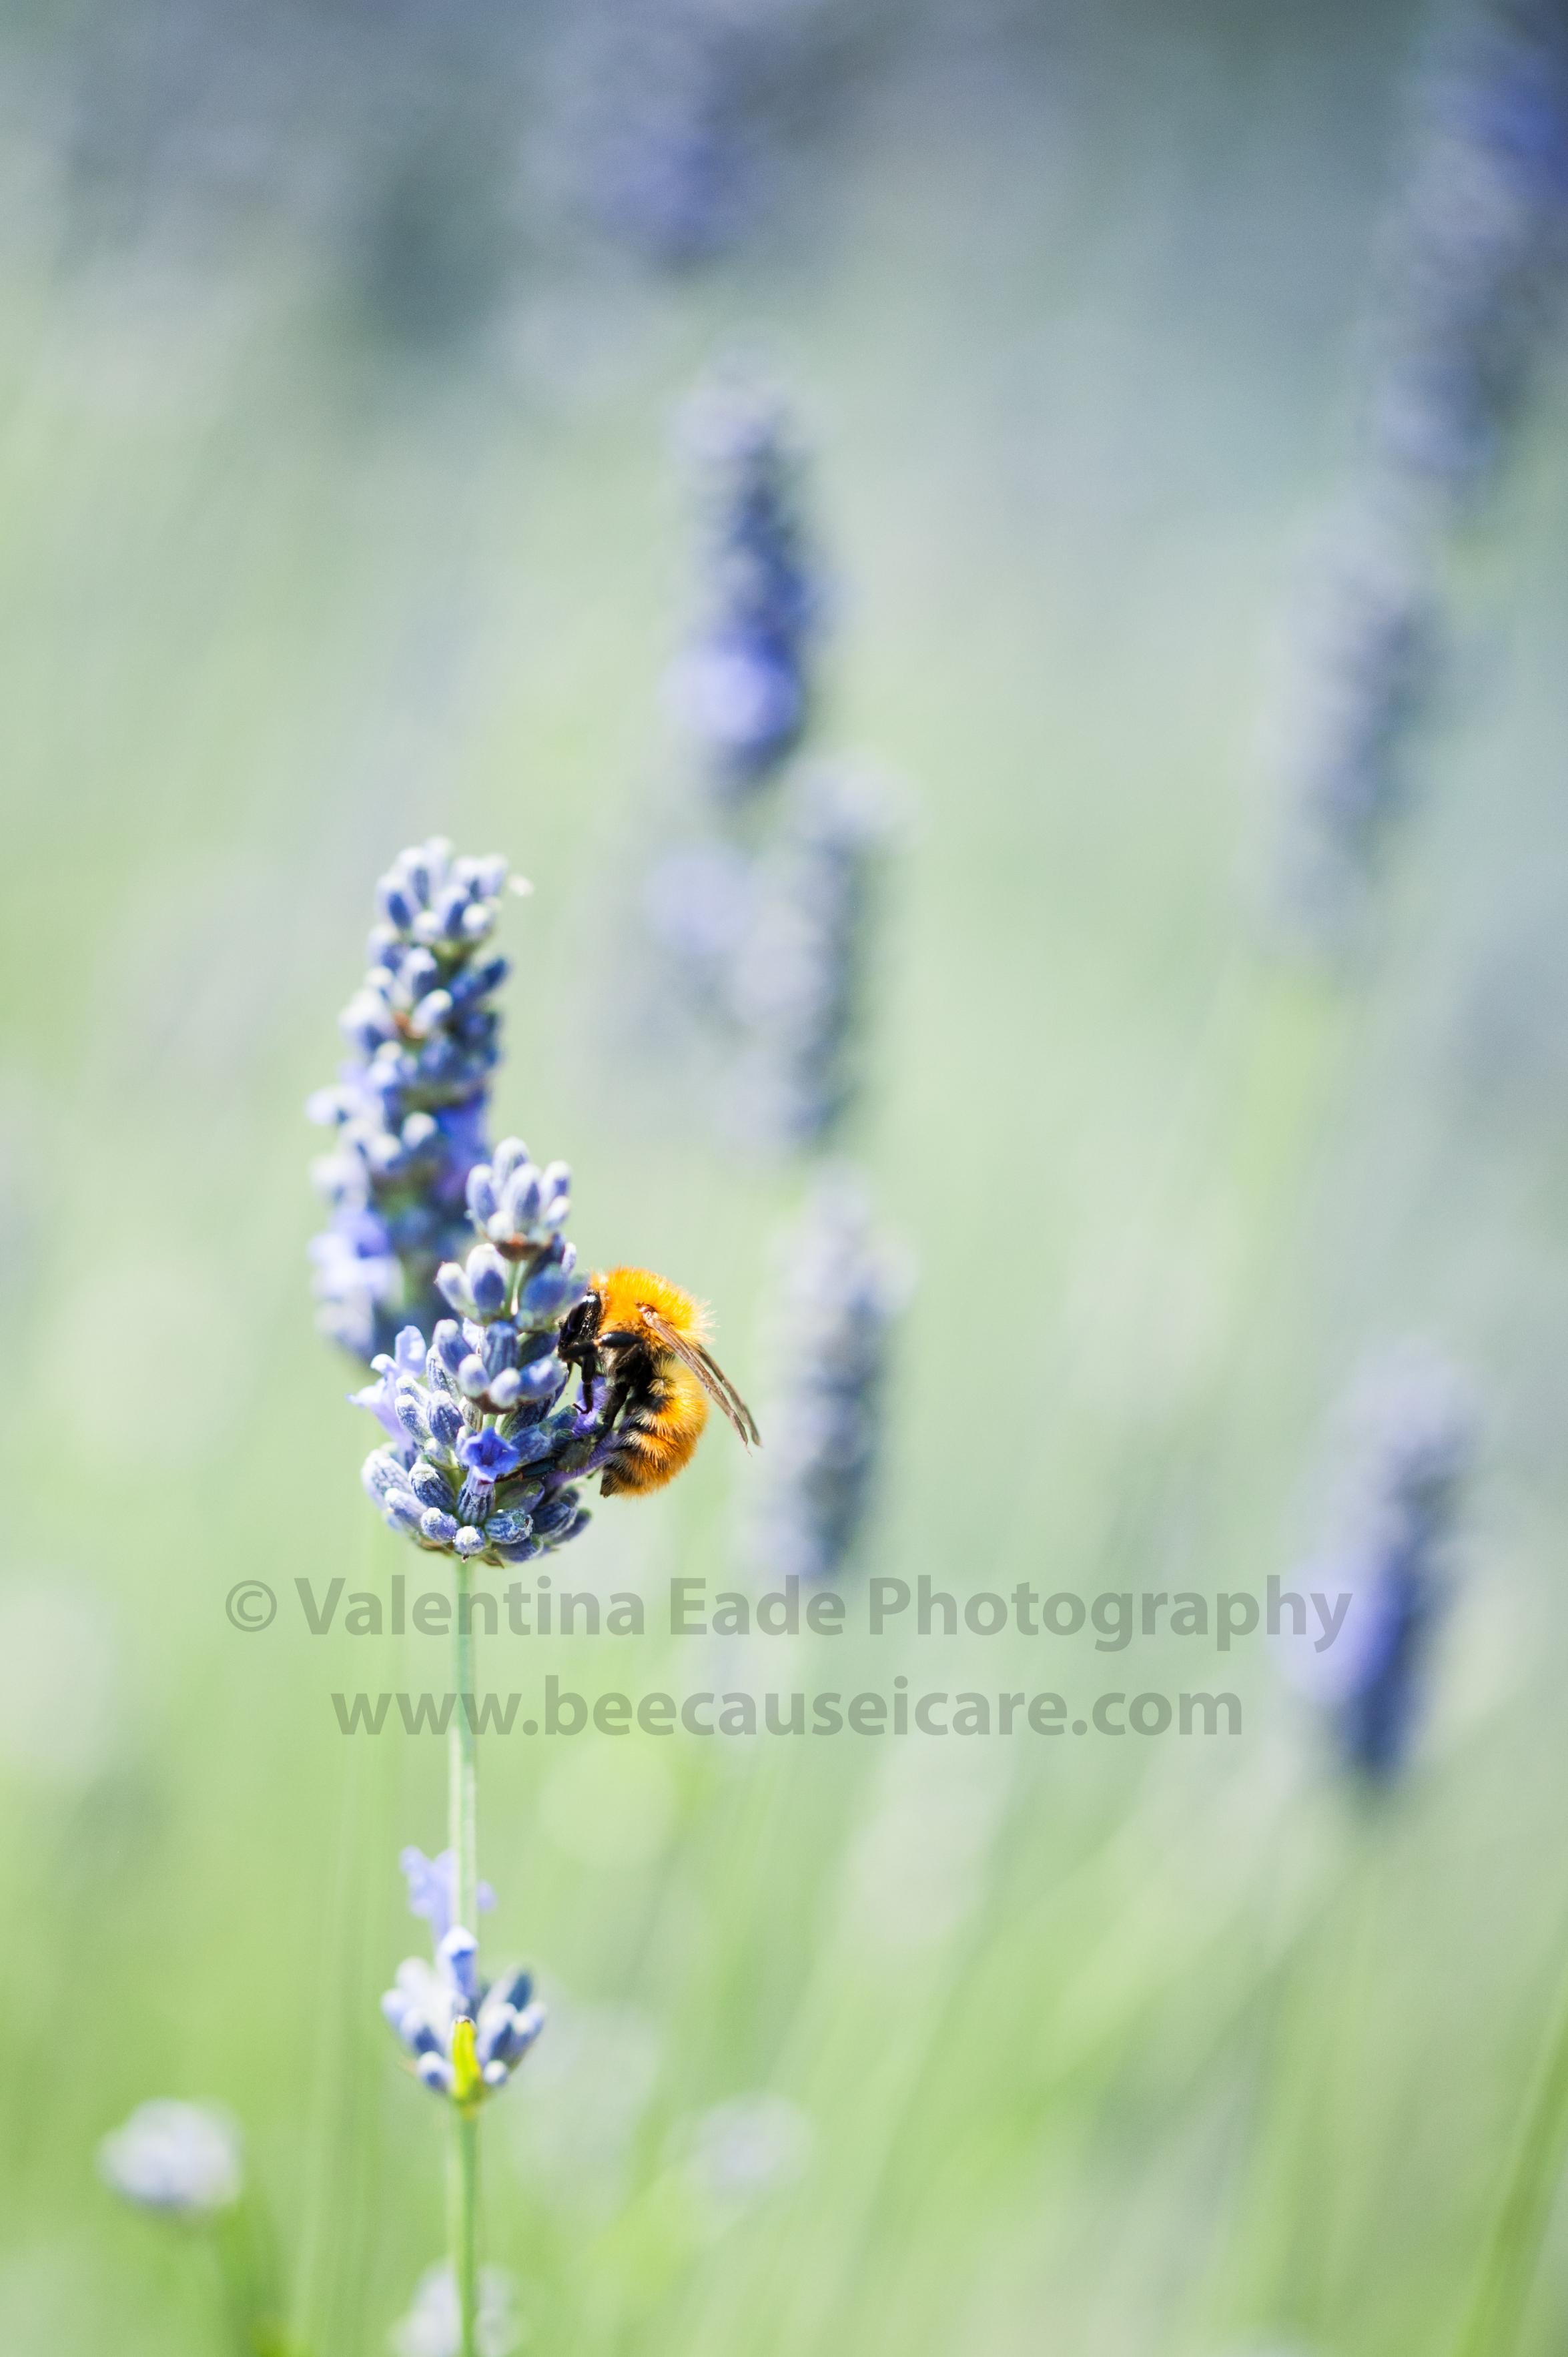 bumblebee_006